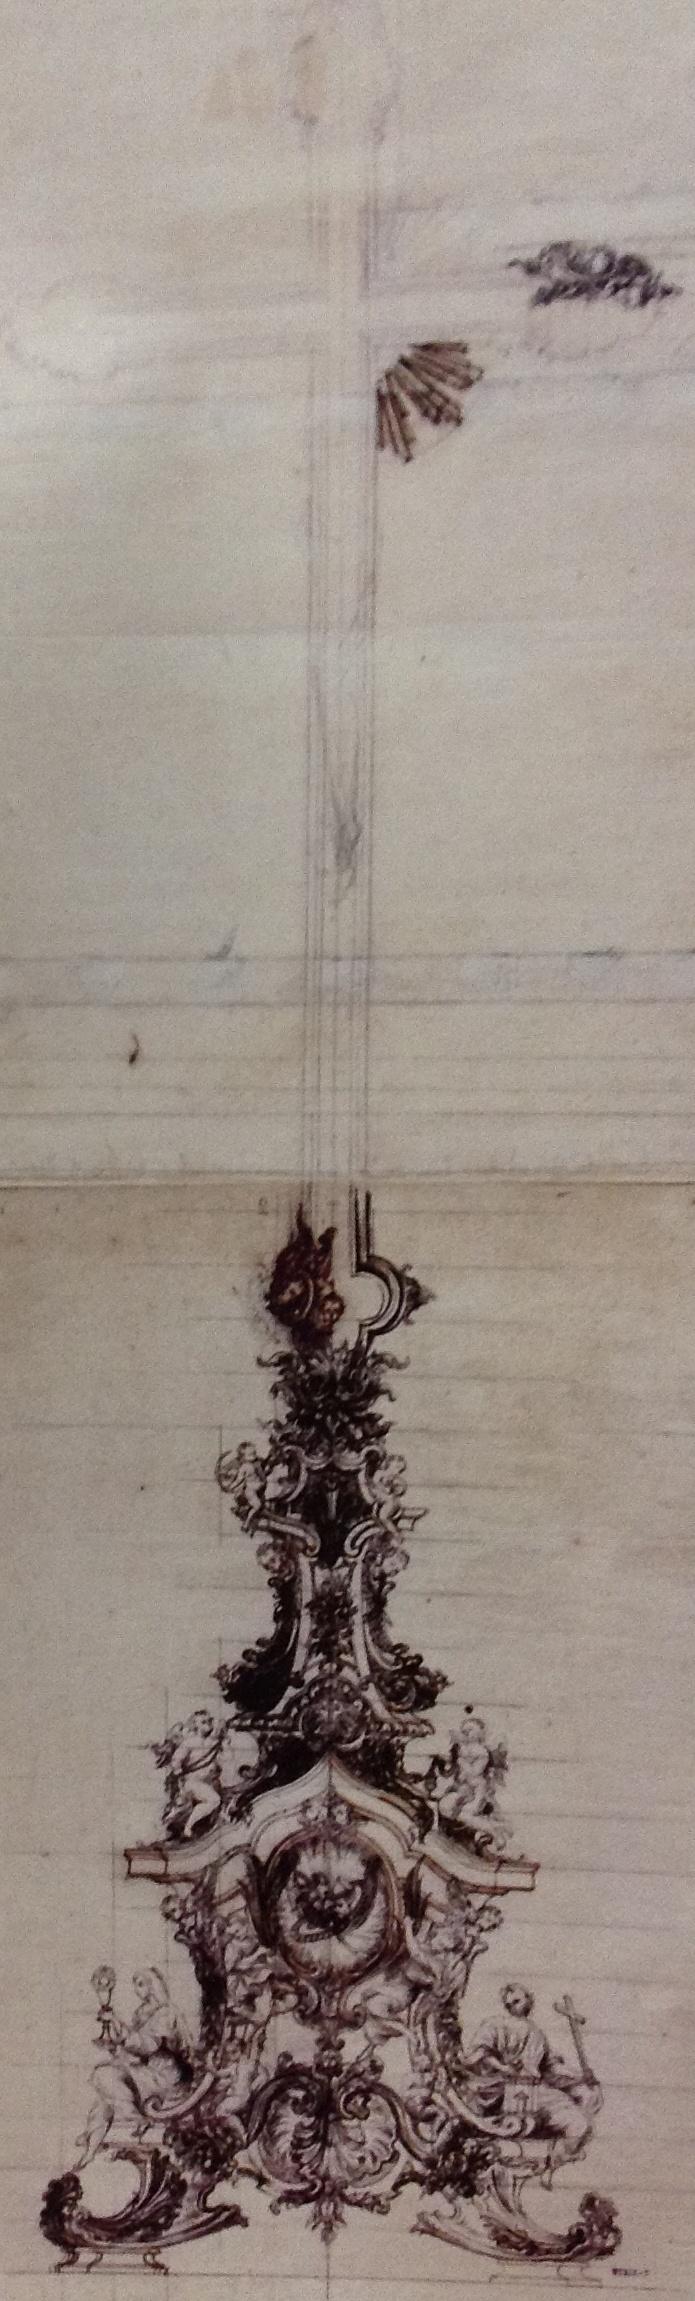 Desenho preparativo para cruxifixo